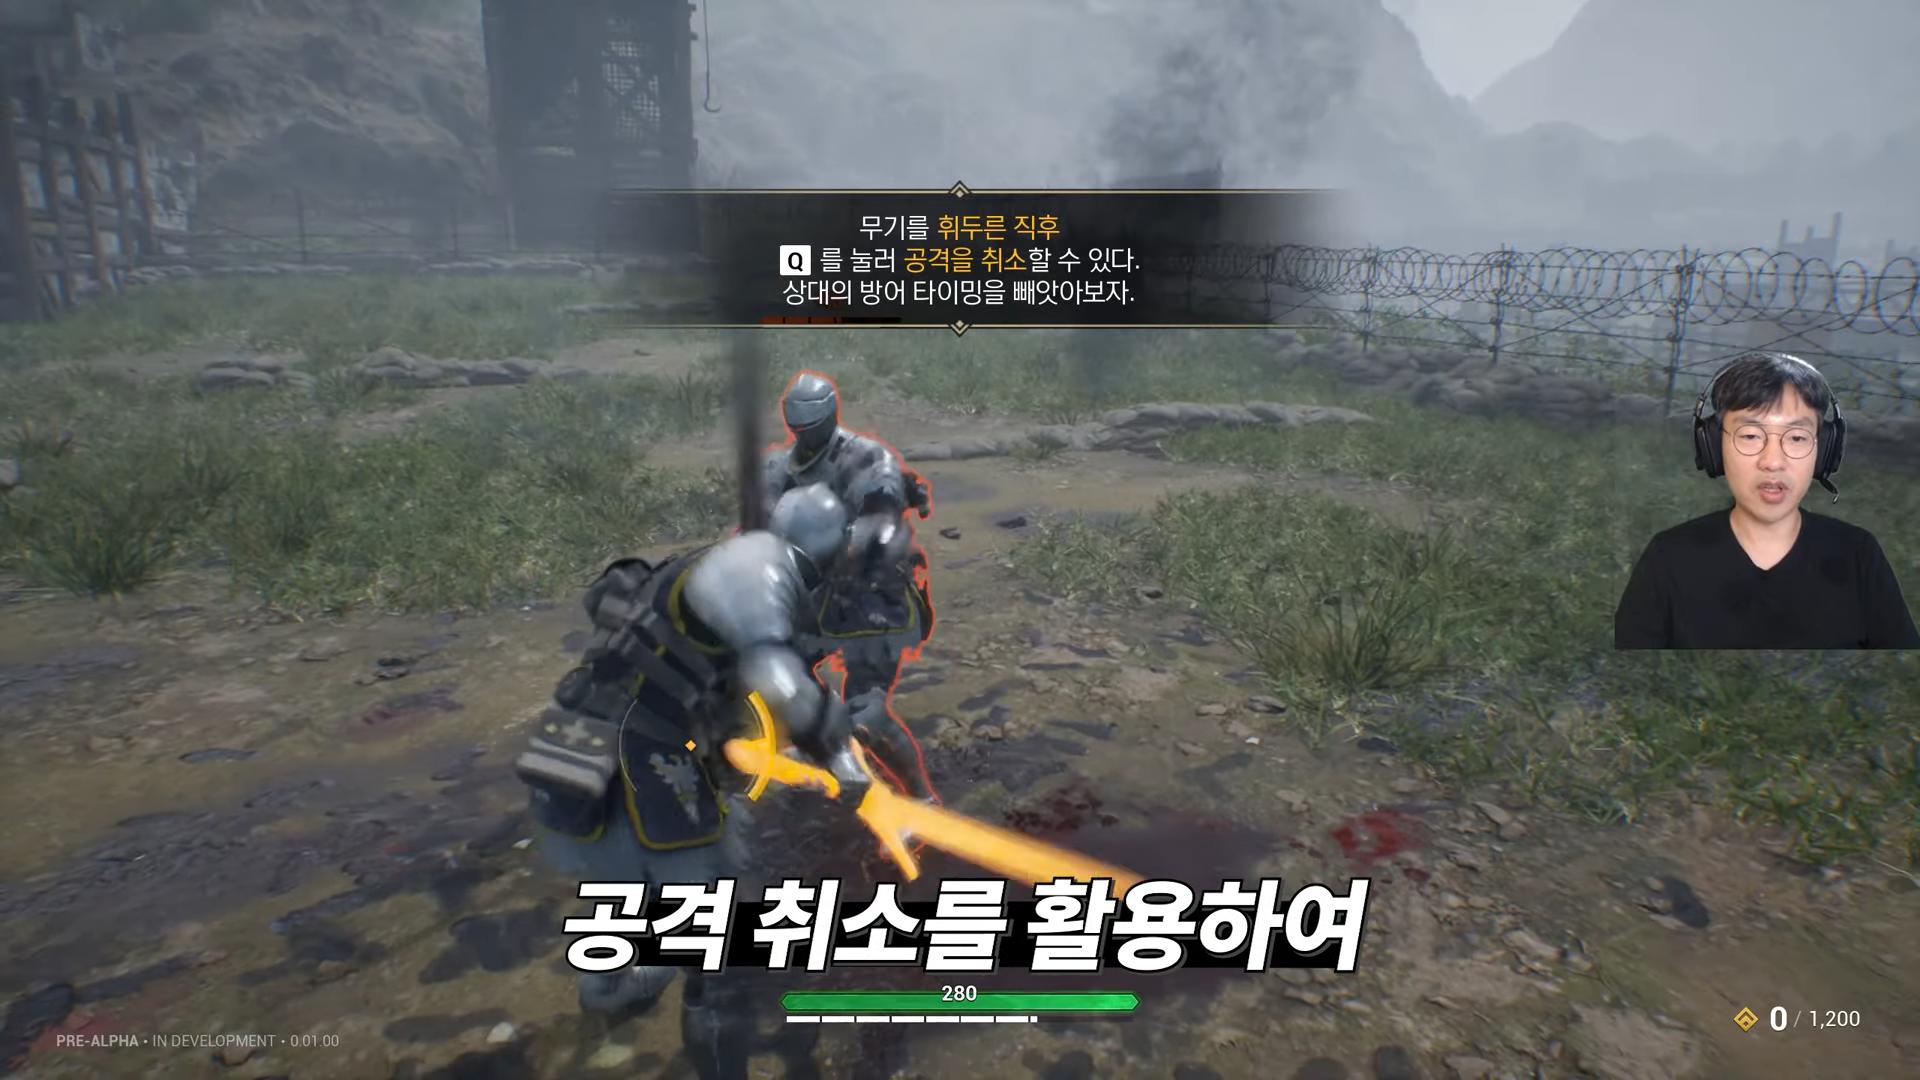 [프로젝트 HP (가제)] 디렉터 플레이 영상 1부 (HP 및 캐릭터 소개) 28-8 screenshot.png